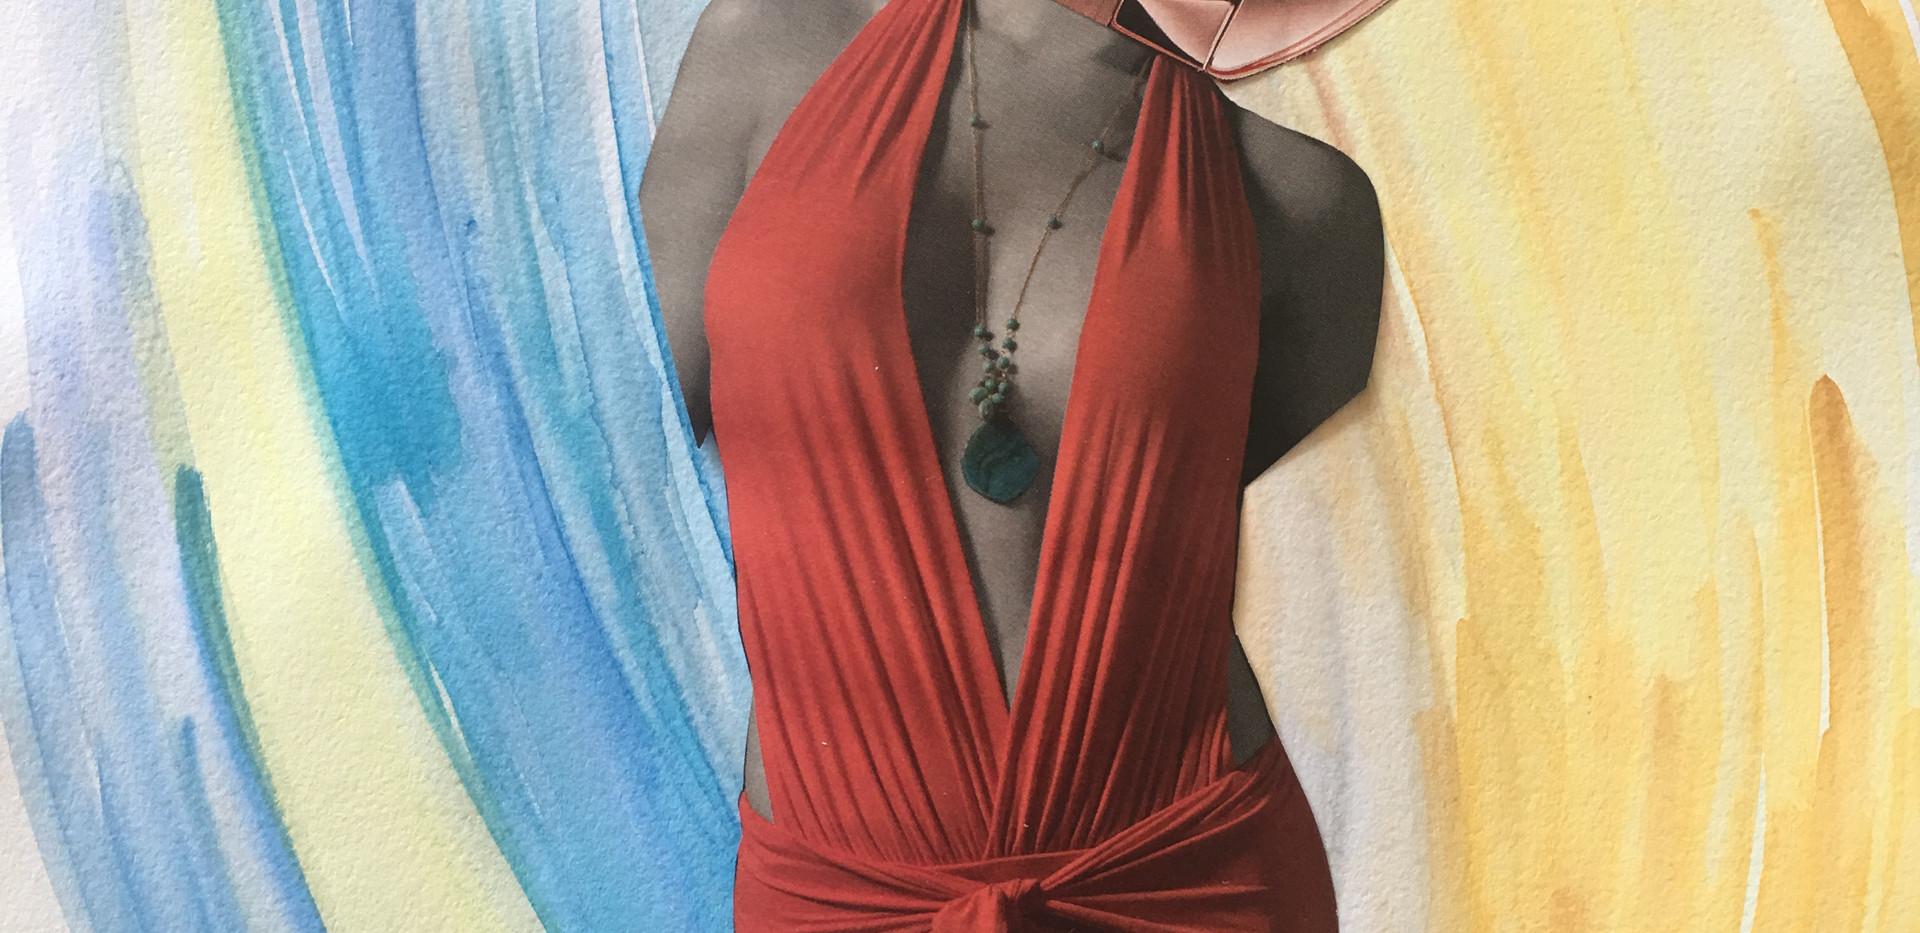 Karina Matheus - Dear Flesh II